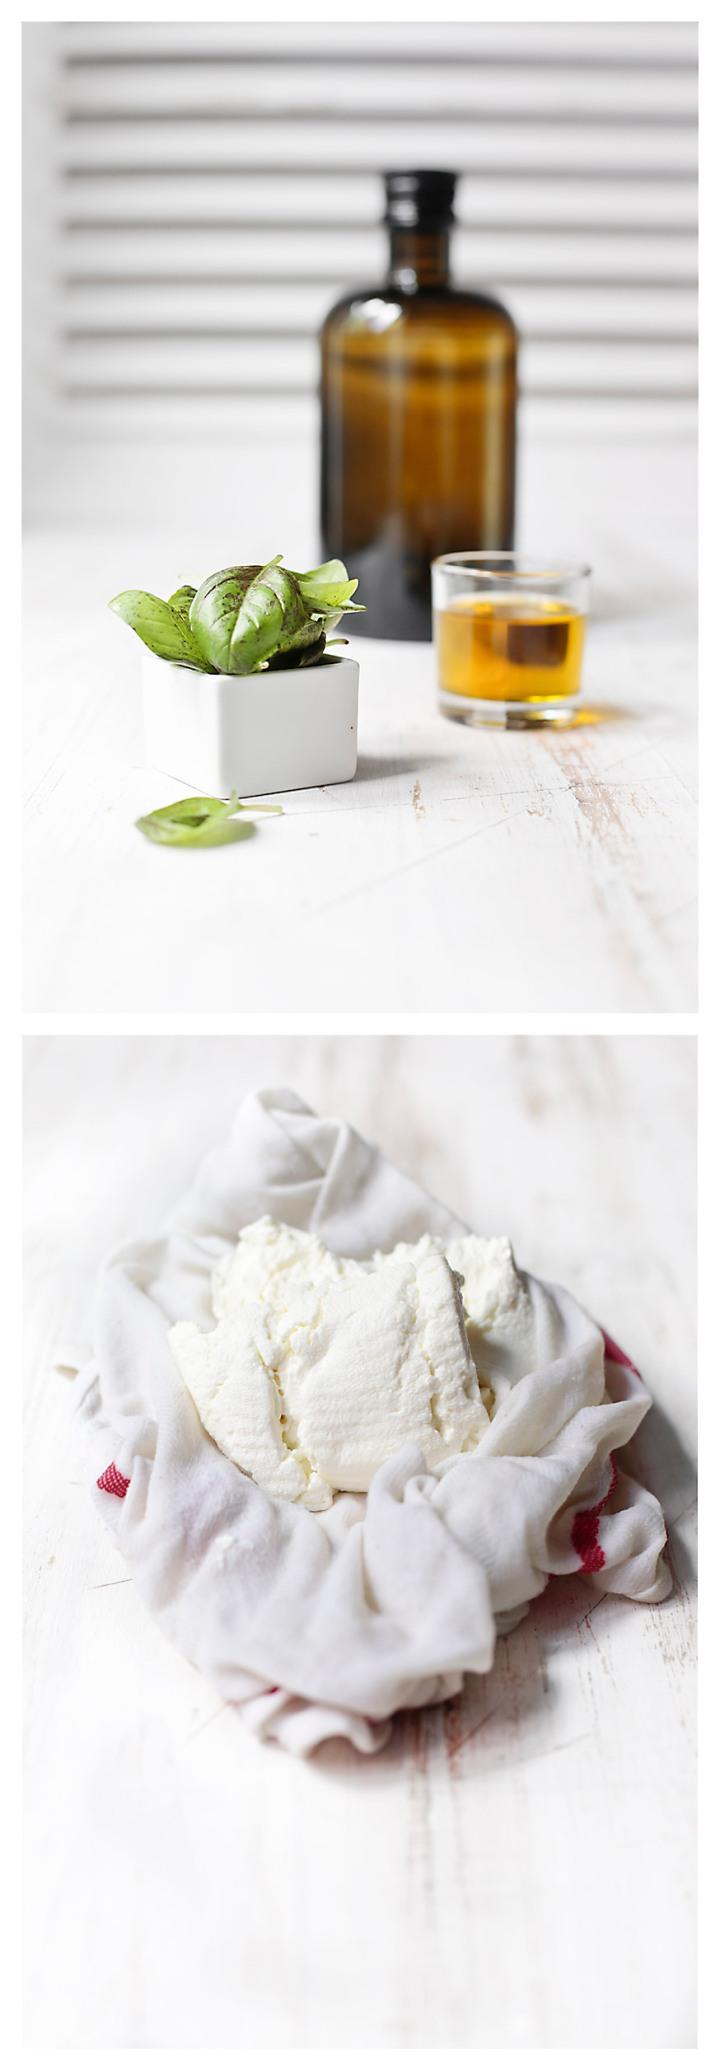 albahaca, aceite y queso